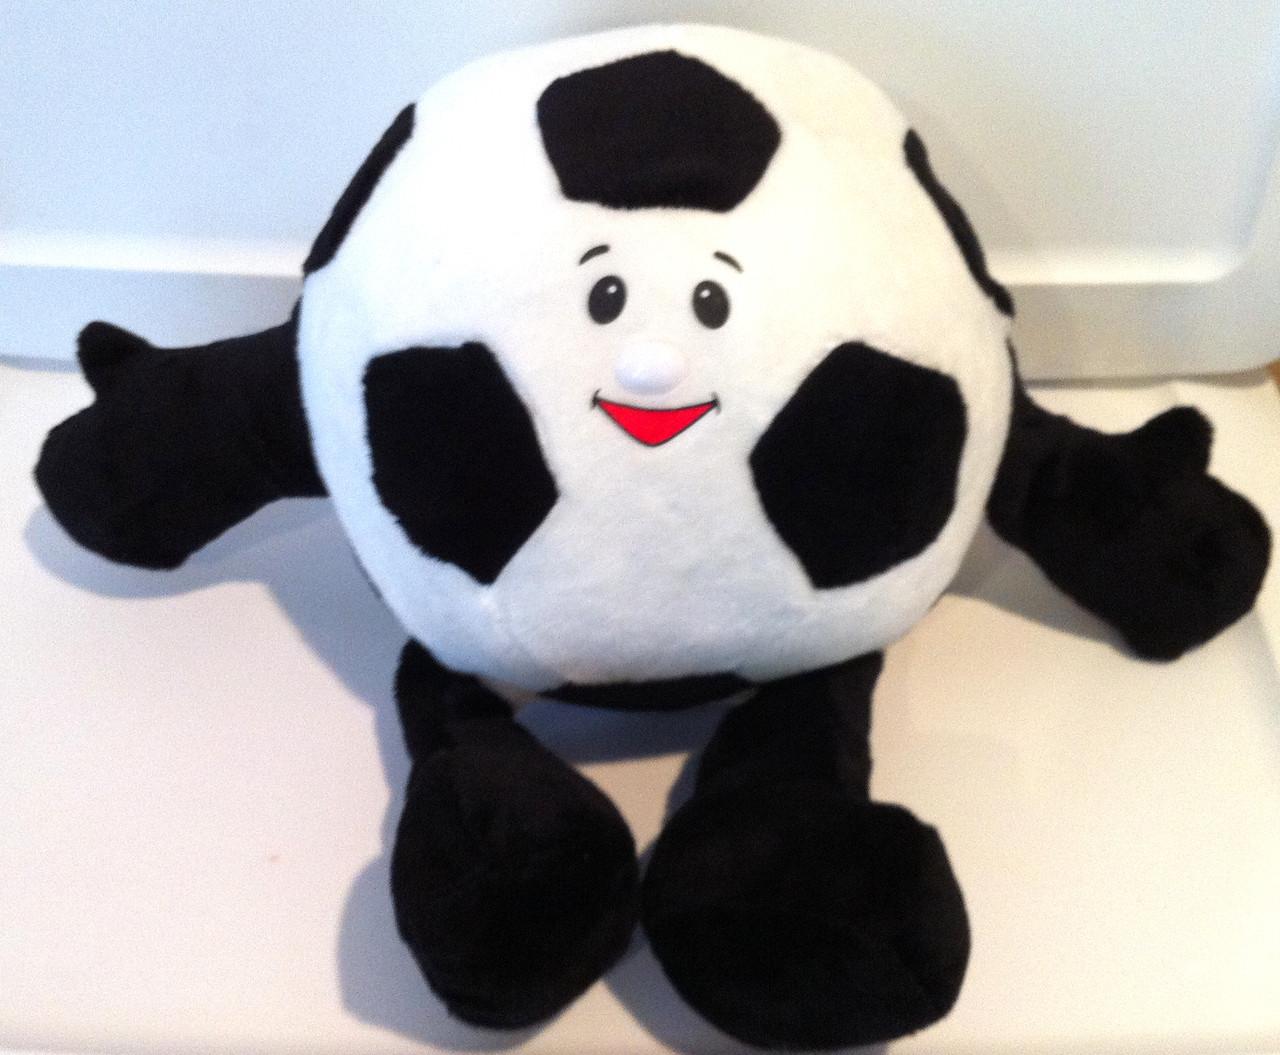 Unstuffed Soccer Ball - Stuffed